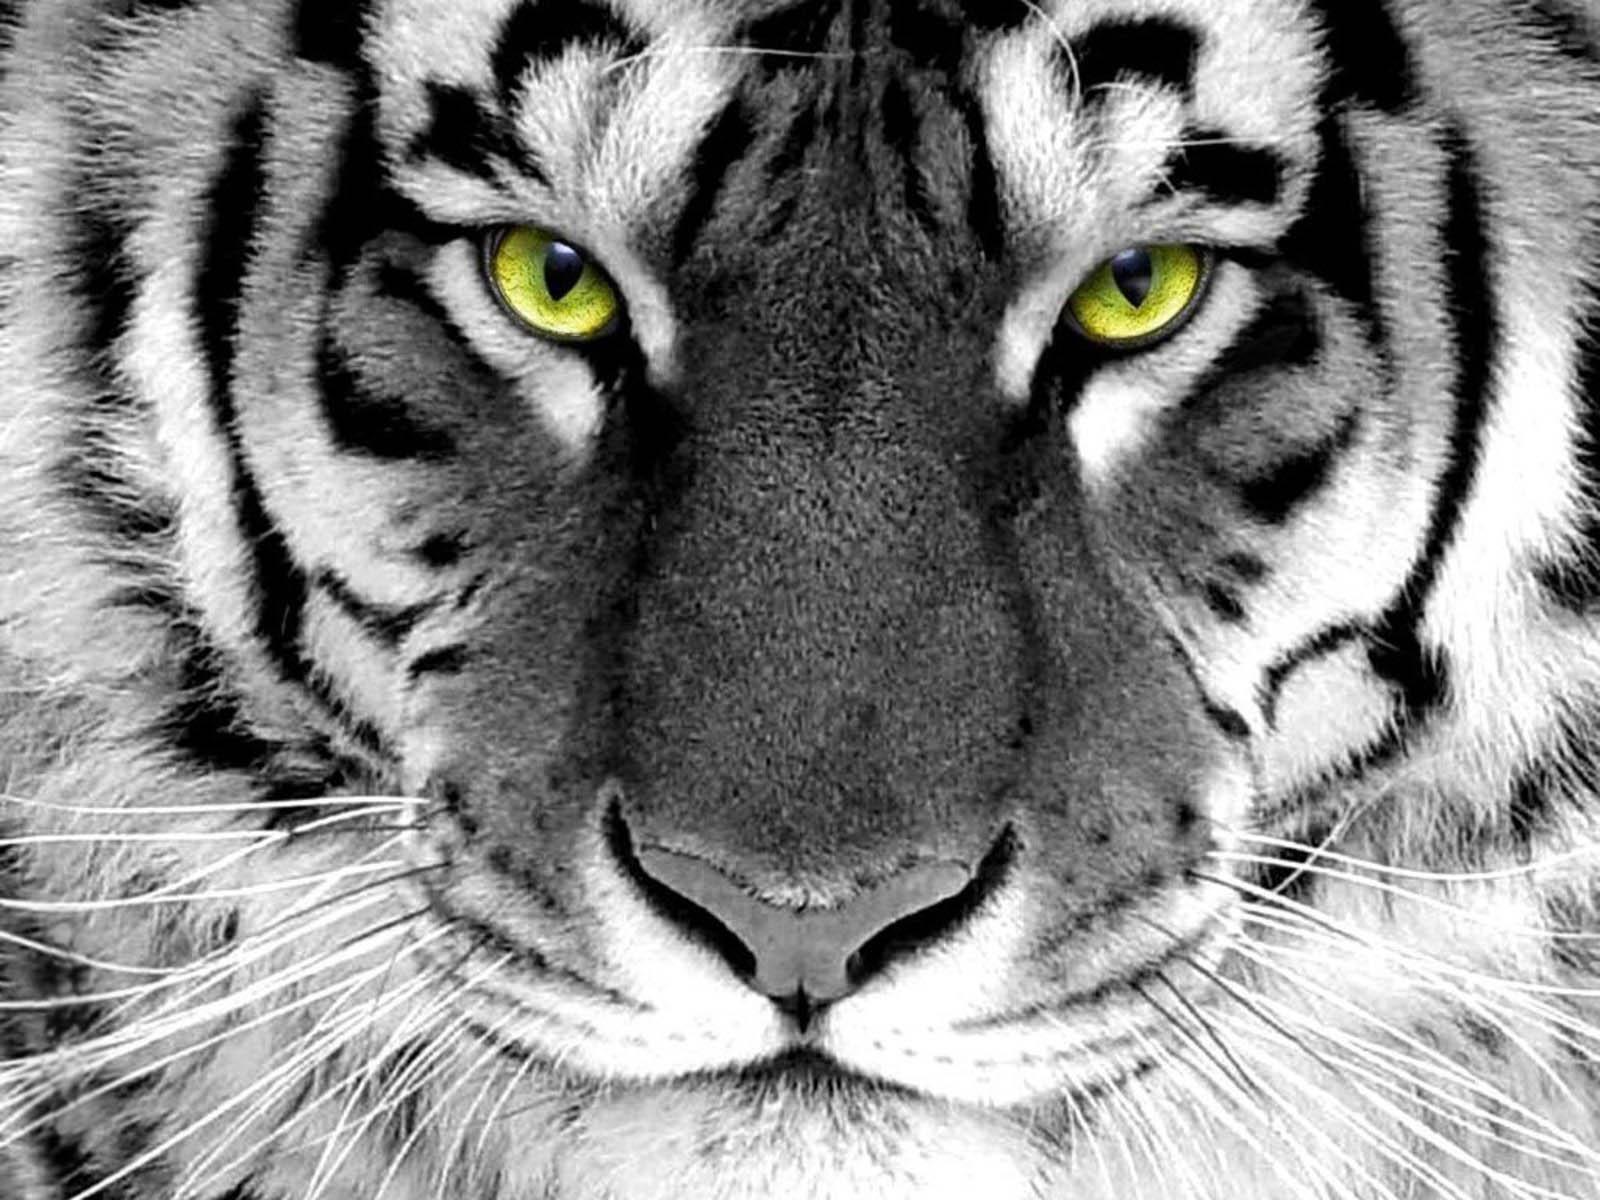 foto macan putih - gambar hewan - foto macan putih